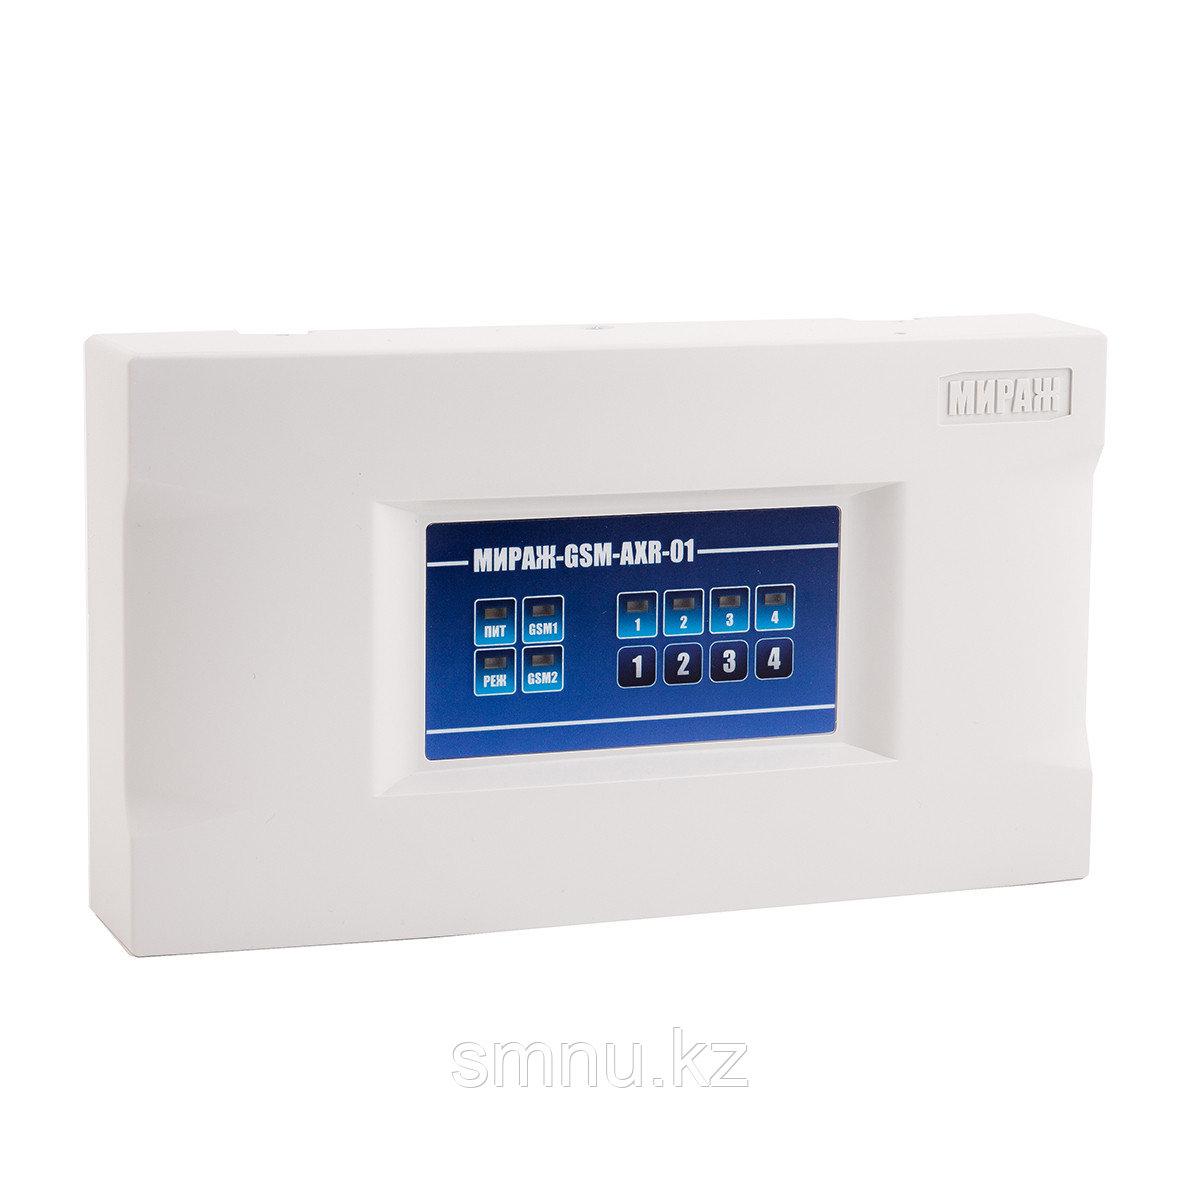 Мираж-GSM-AXR-01 Контроллер для частного или пультового мониторинга